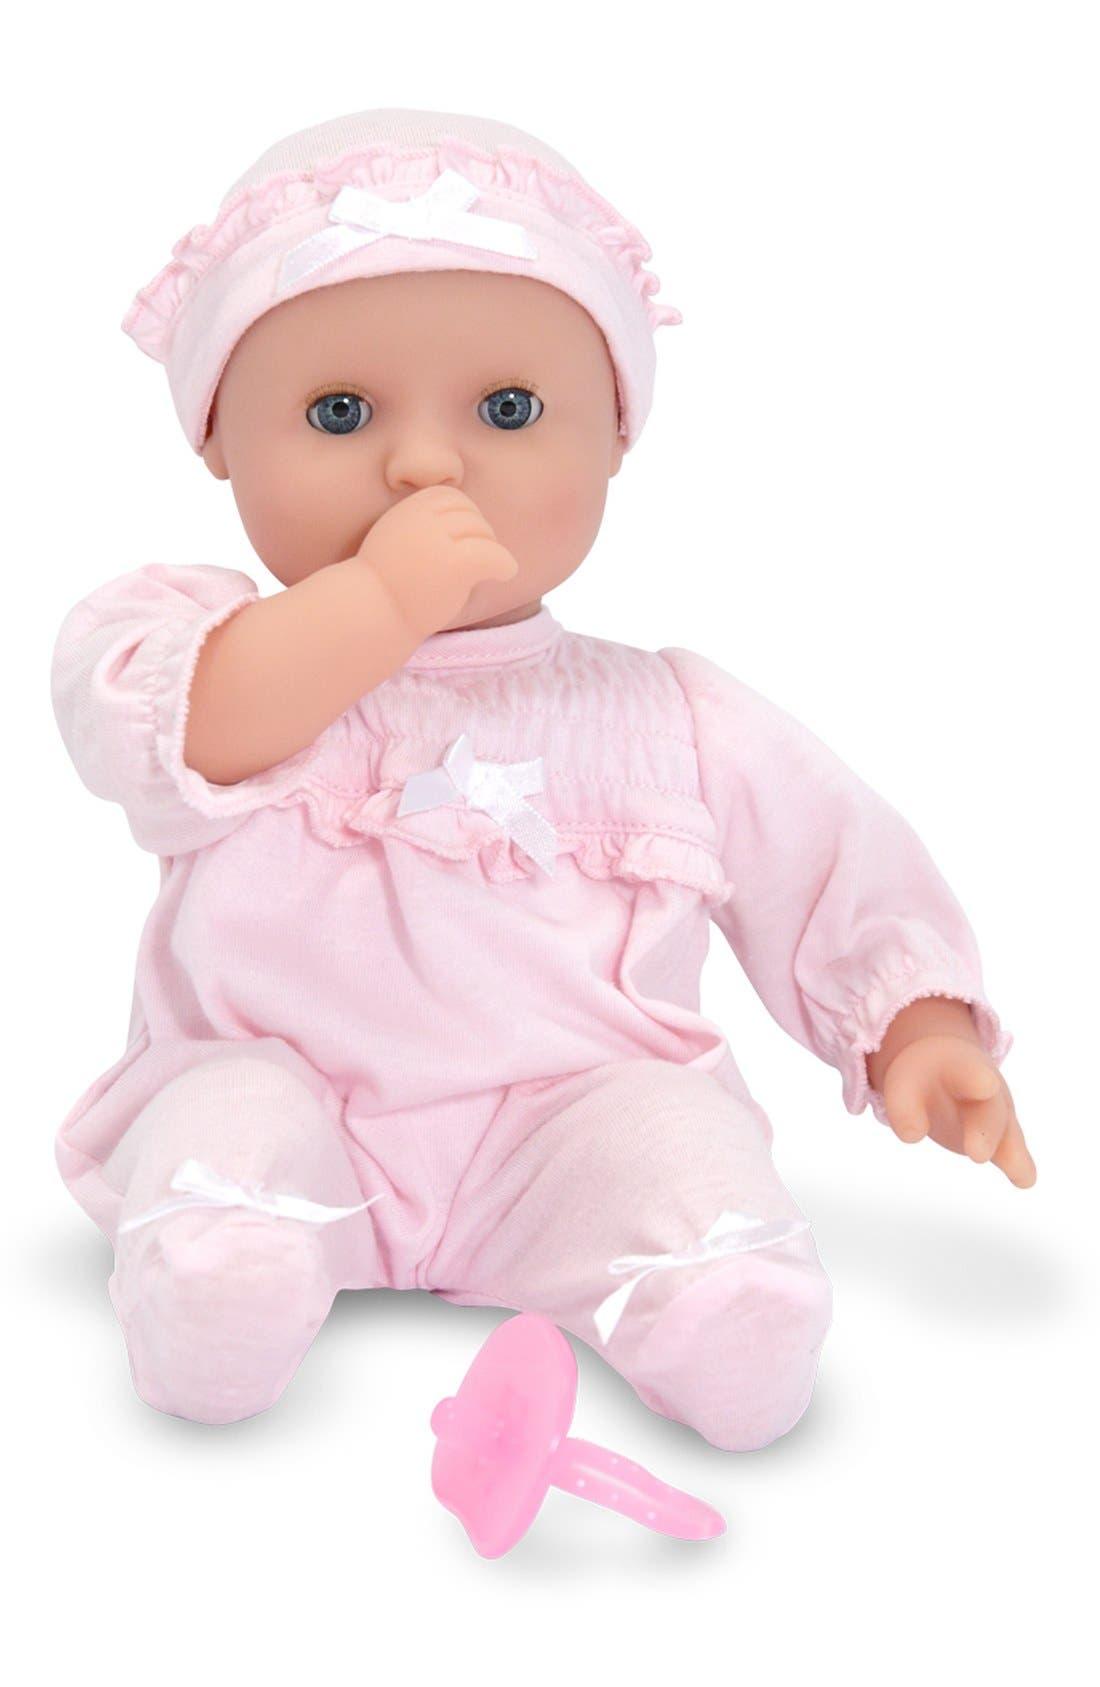 Main Image - Melissa & Doug 'Mine to Love - Jenna' Baby Doll